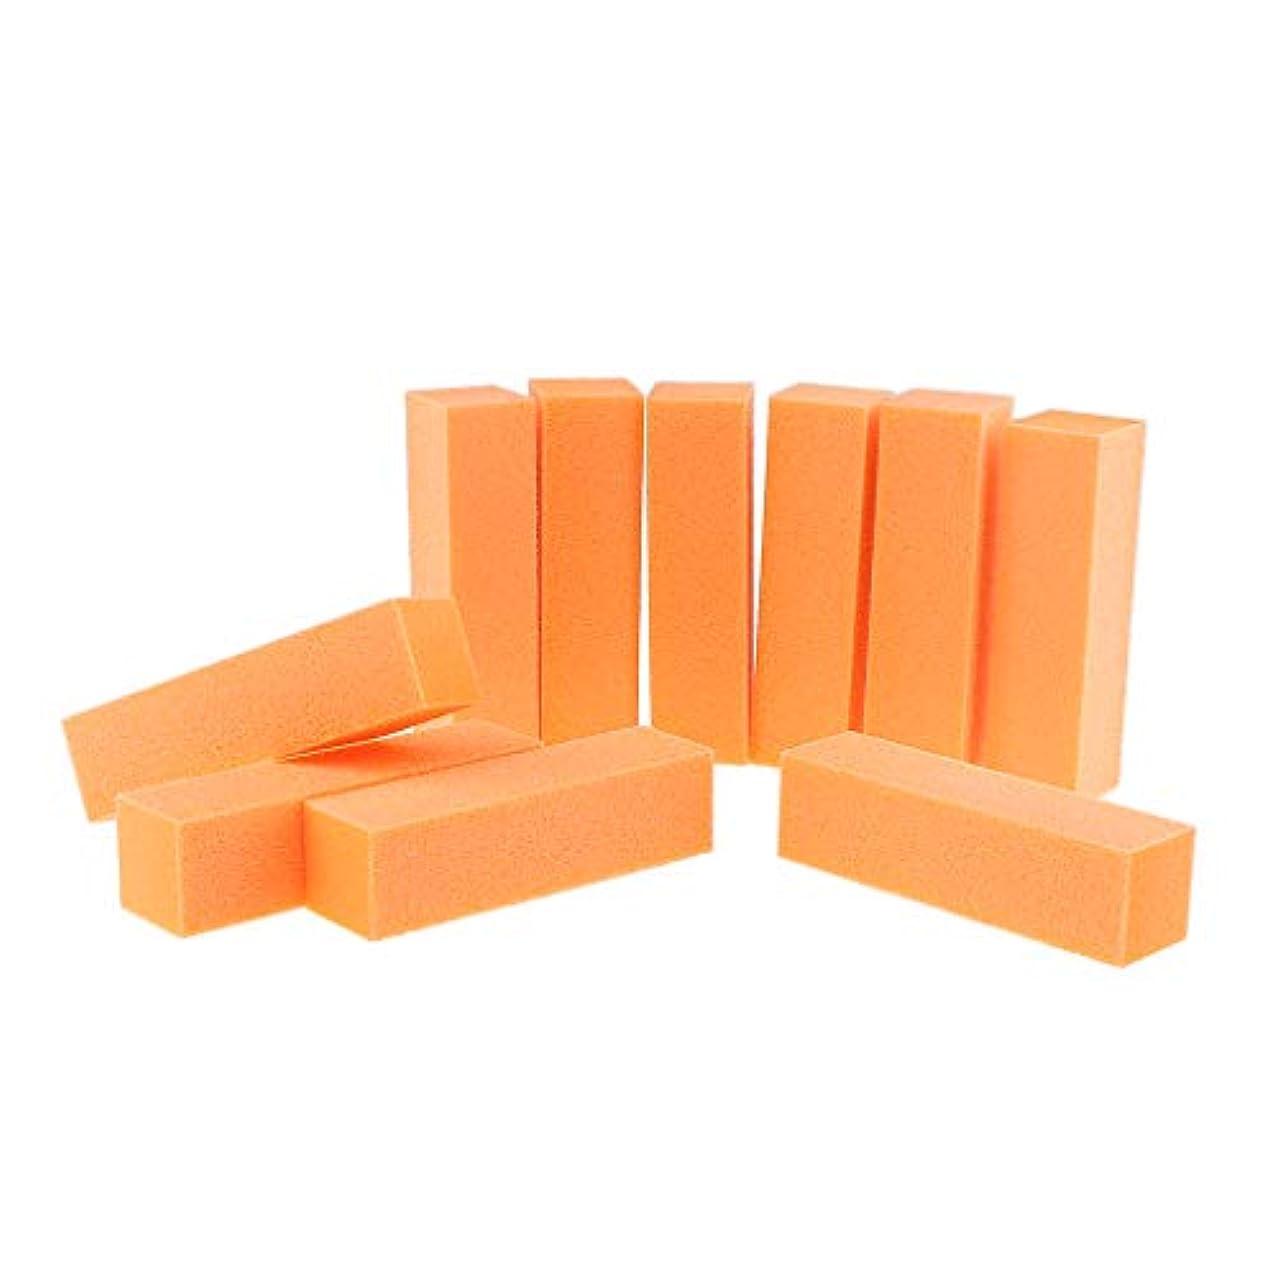 満州副詞フェード10PCSネイルアートケアバッファーバフ研磨サンディングブロックファイルグリットアクリルマニキュアツール-プロフェッショナルサロン使用または家庭用 - オレンジ